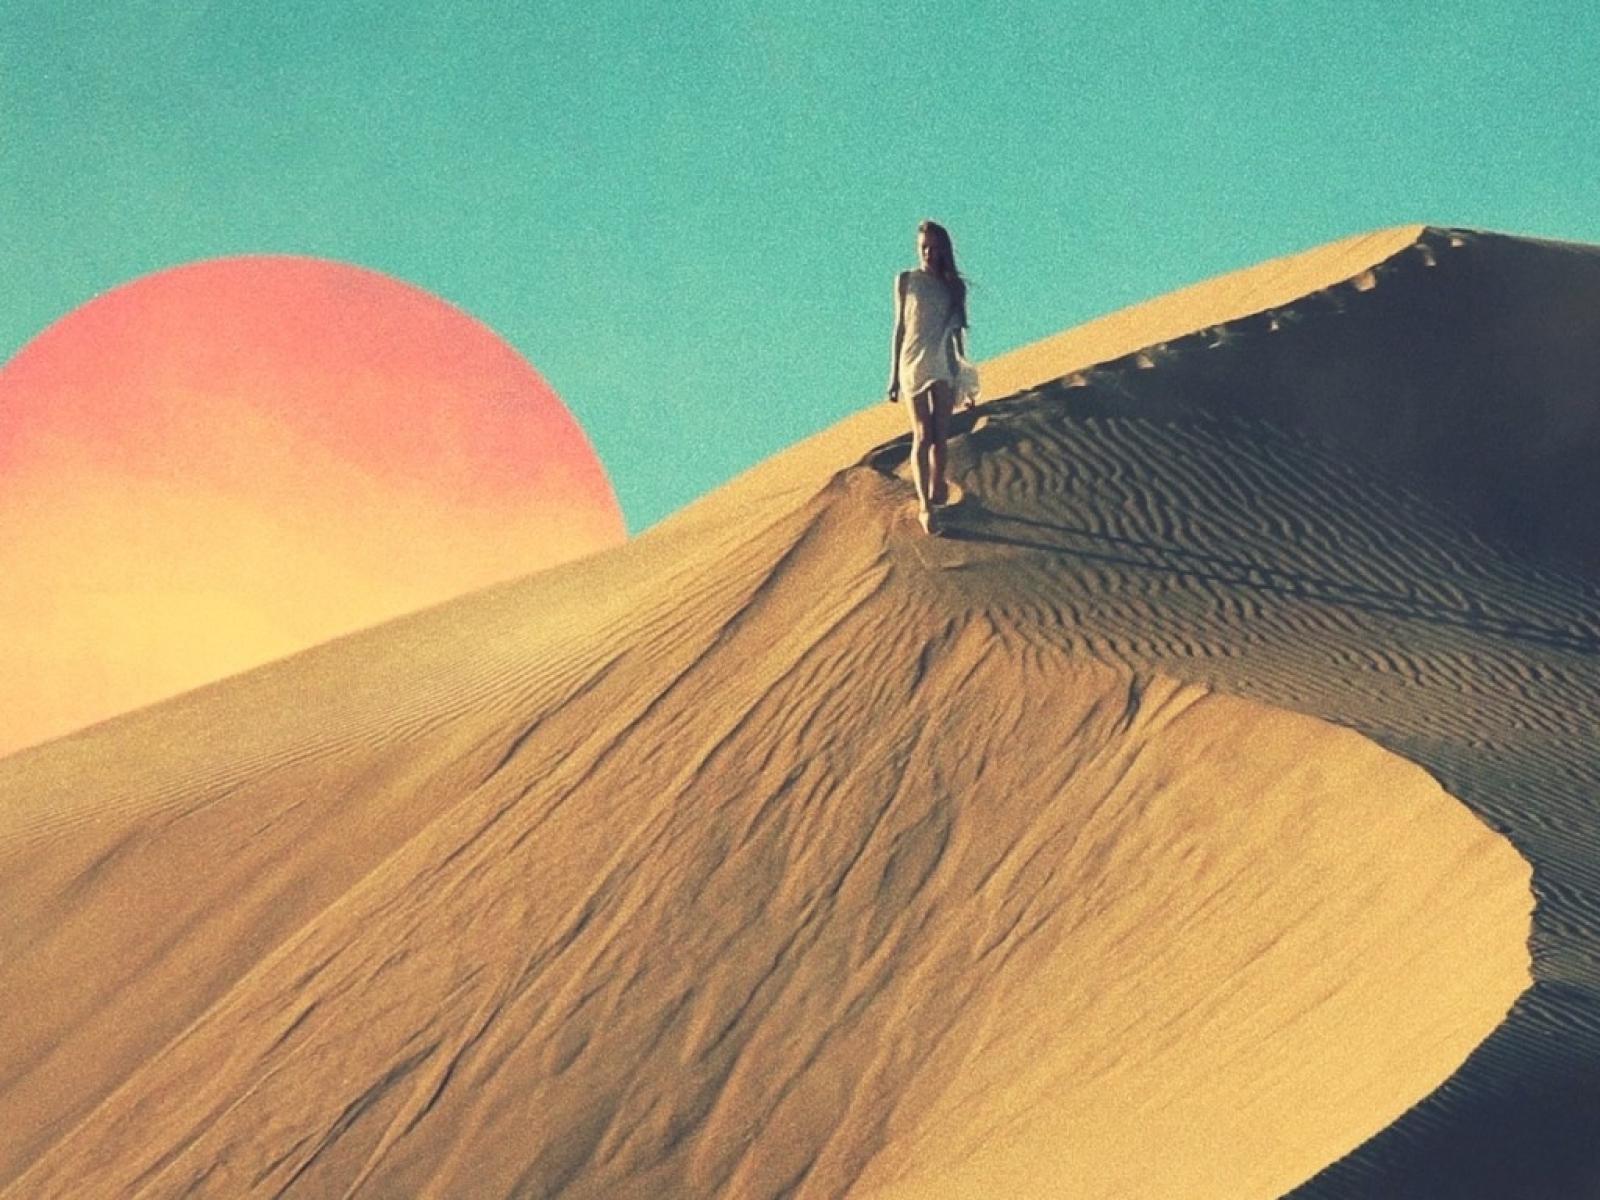 sun_sand_walk_desert_wind_tycho_1366x768_wallpaper_Wallpaper_1600x1200_www.wallmay.net